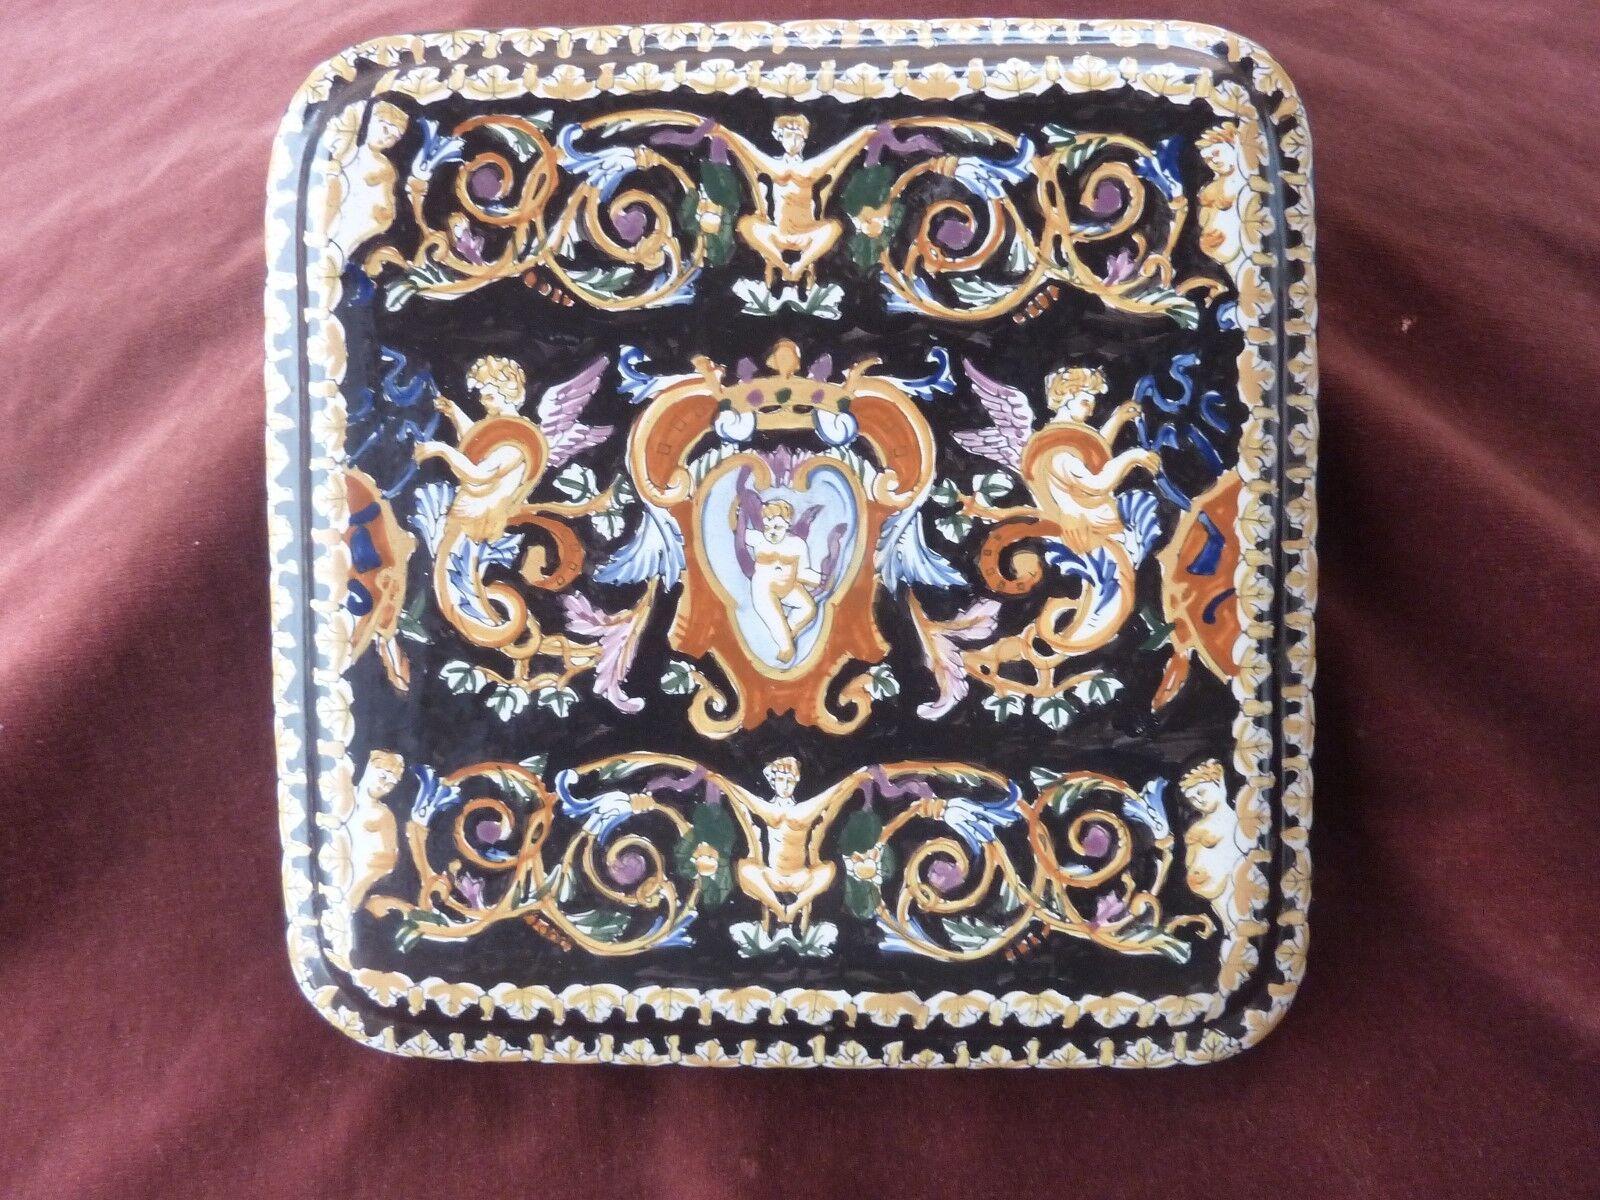 Grand dessous de plat signé KG,28x28cm,renaissance italienne